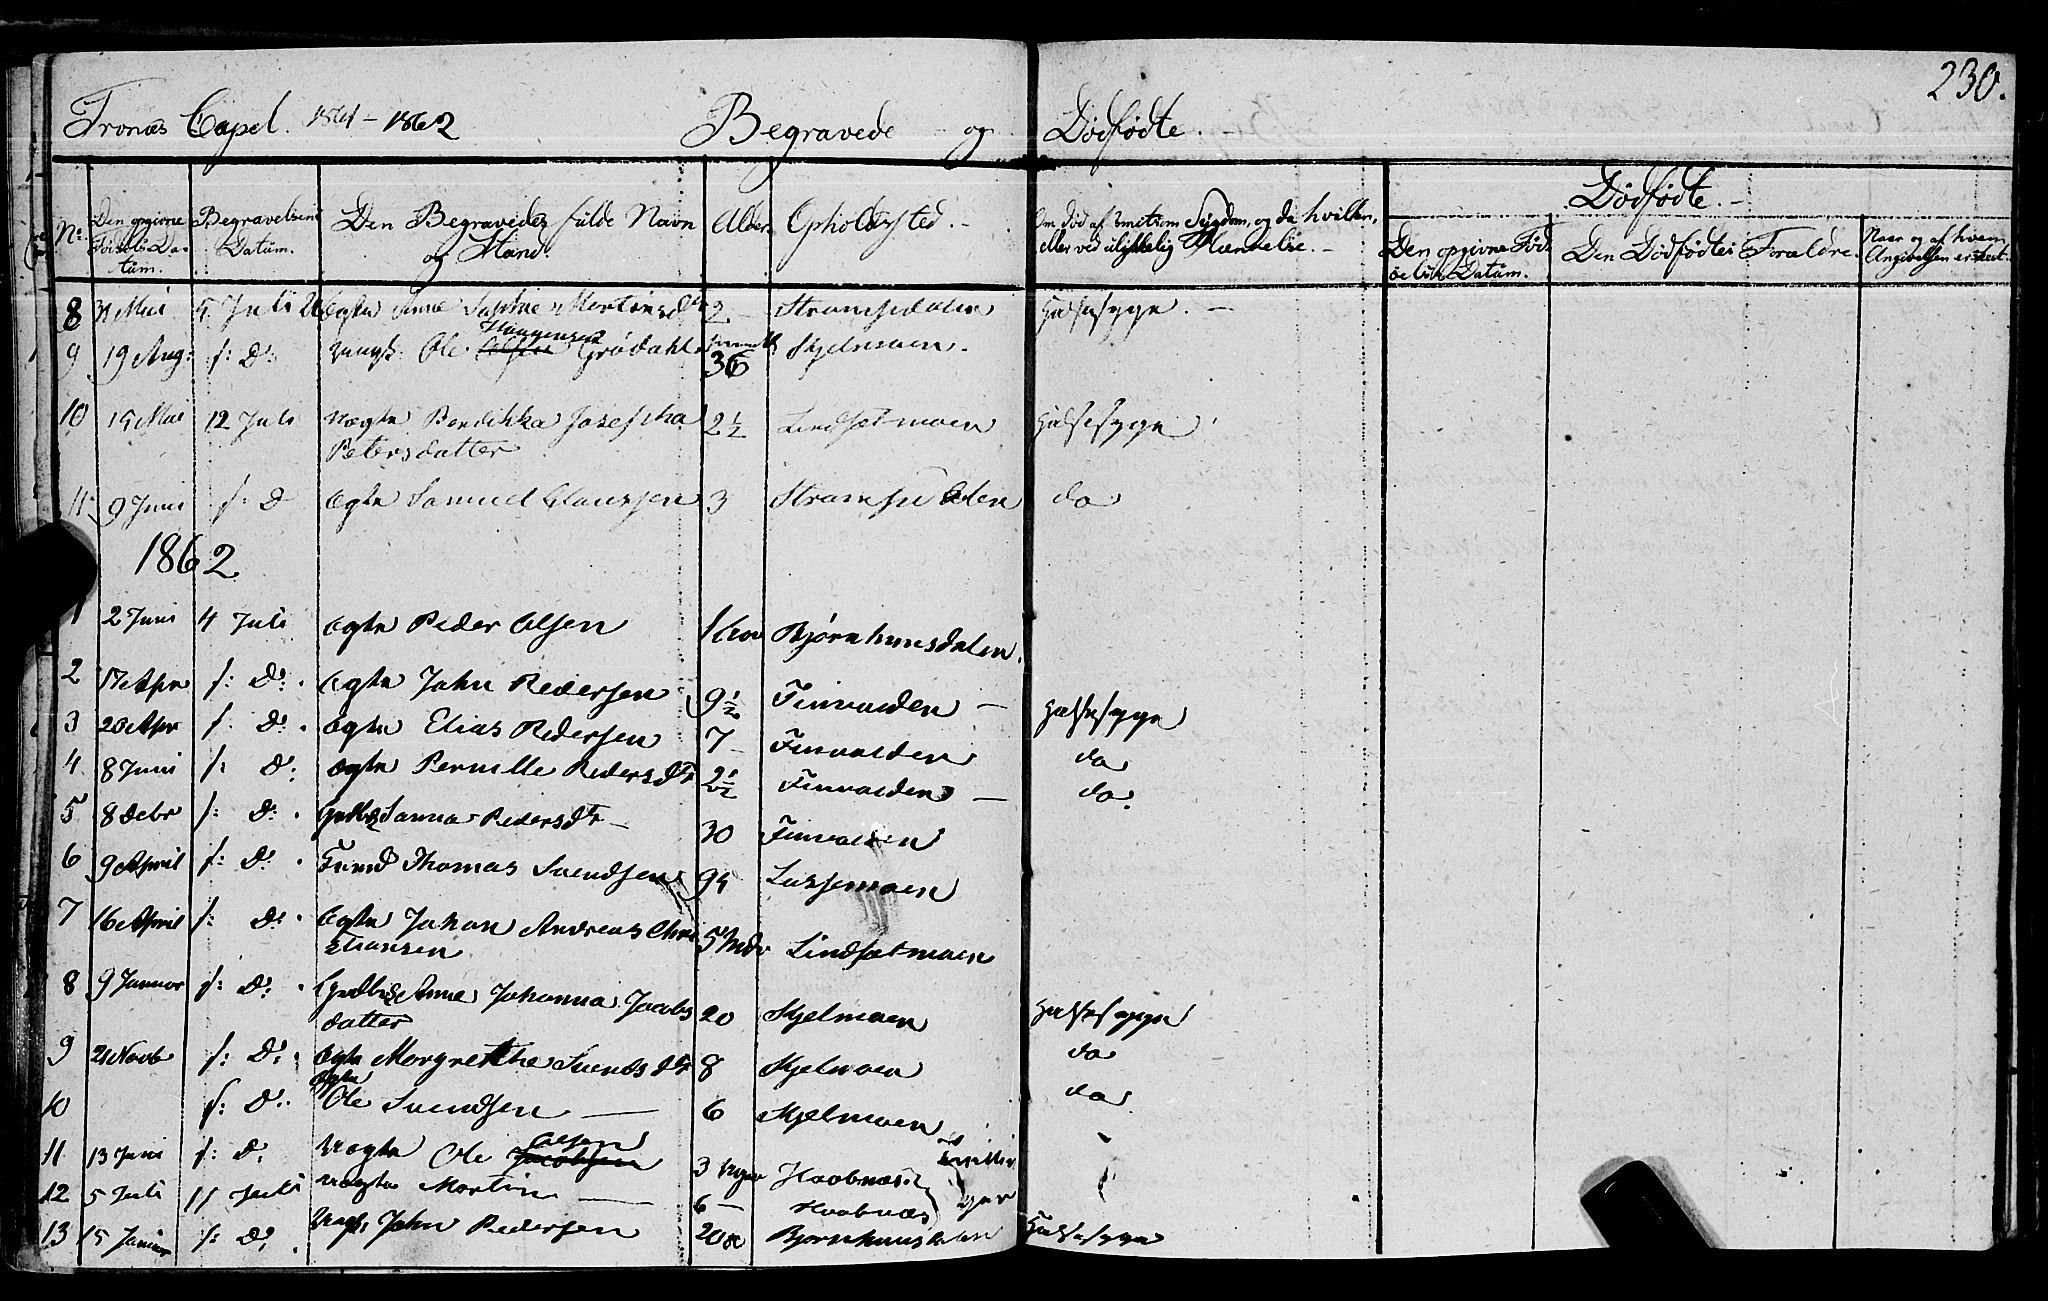 SAT, Ministerialprotokoller, klokkerbøker og fødselsregistre - Nord-Trøndelag, 762/L0538: Ministerialbok nr. 762A02 /2, 1833-1879, s. 230